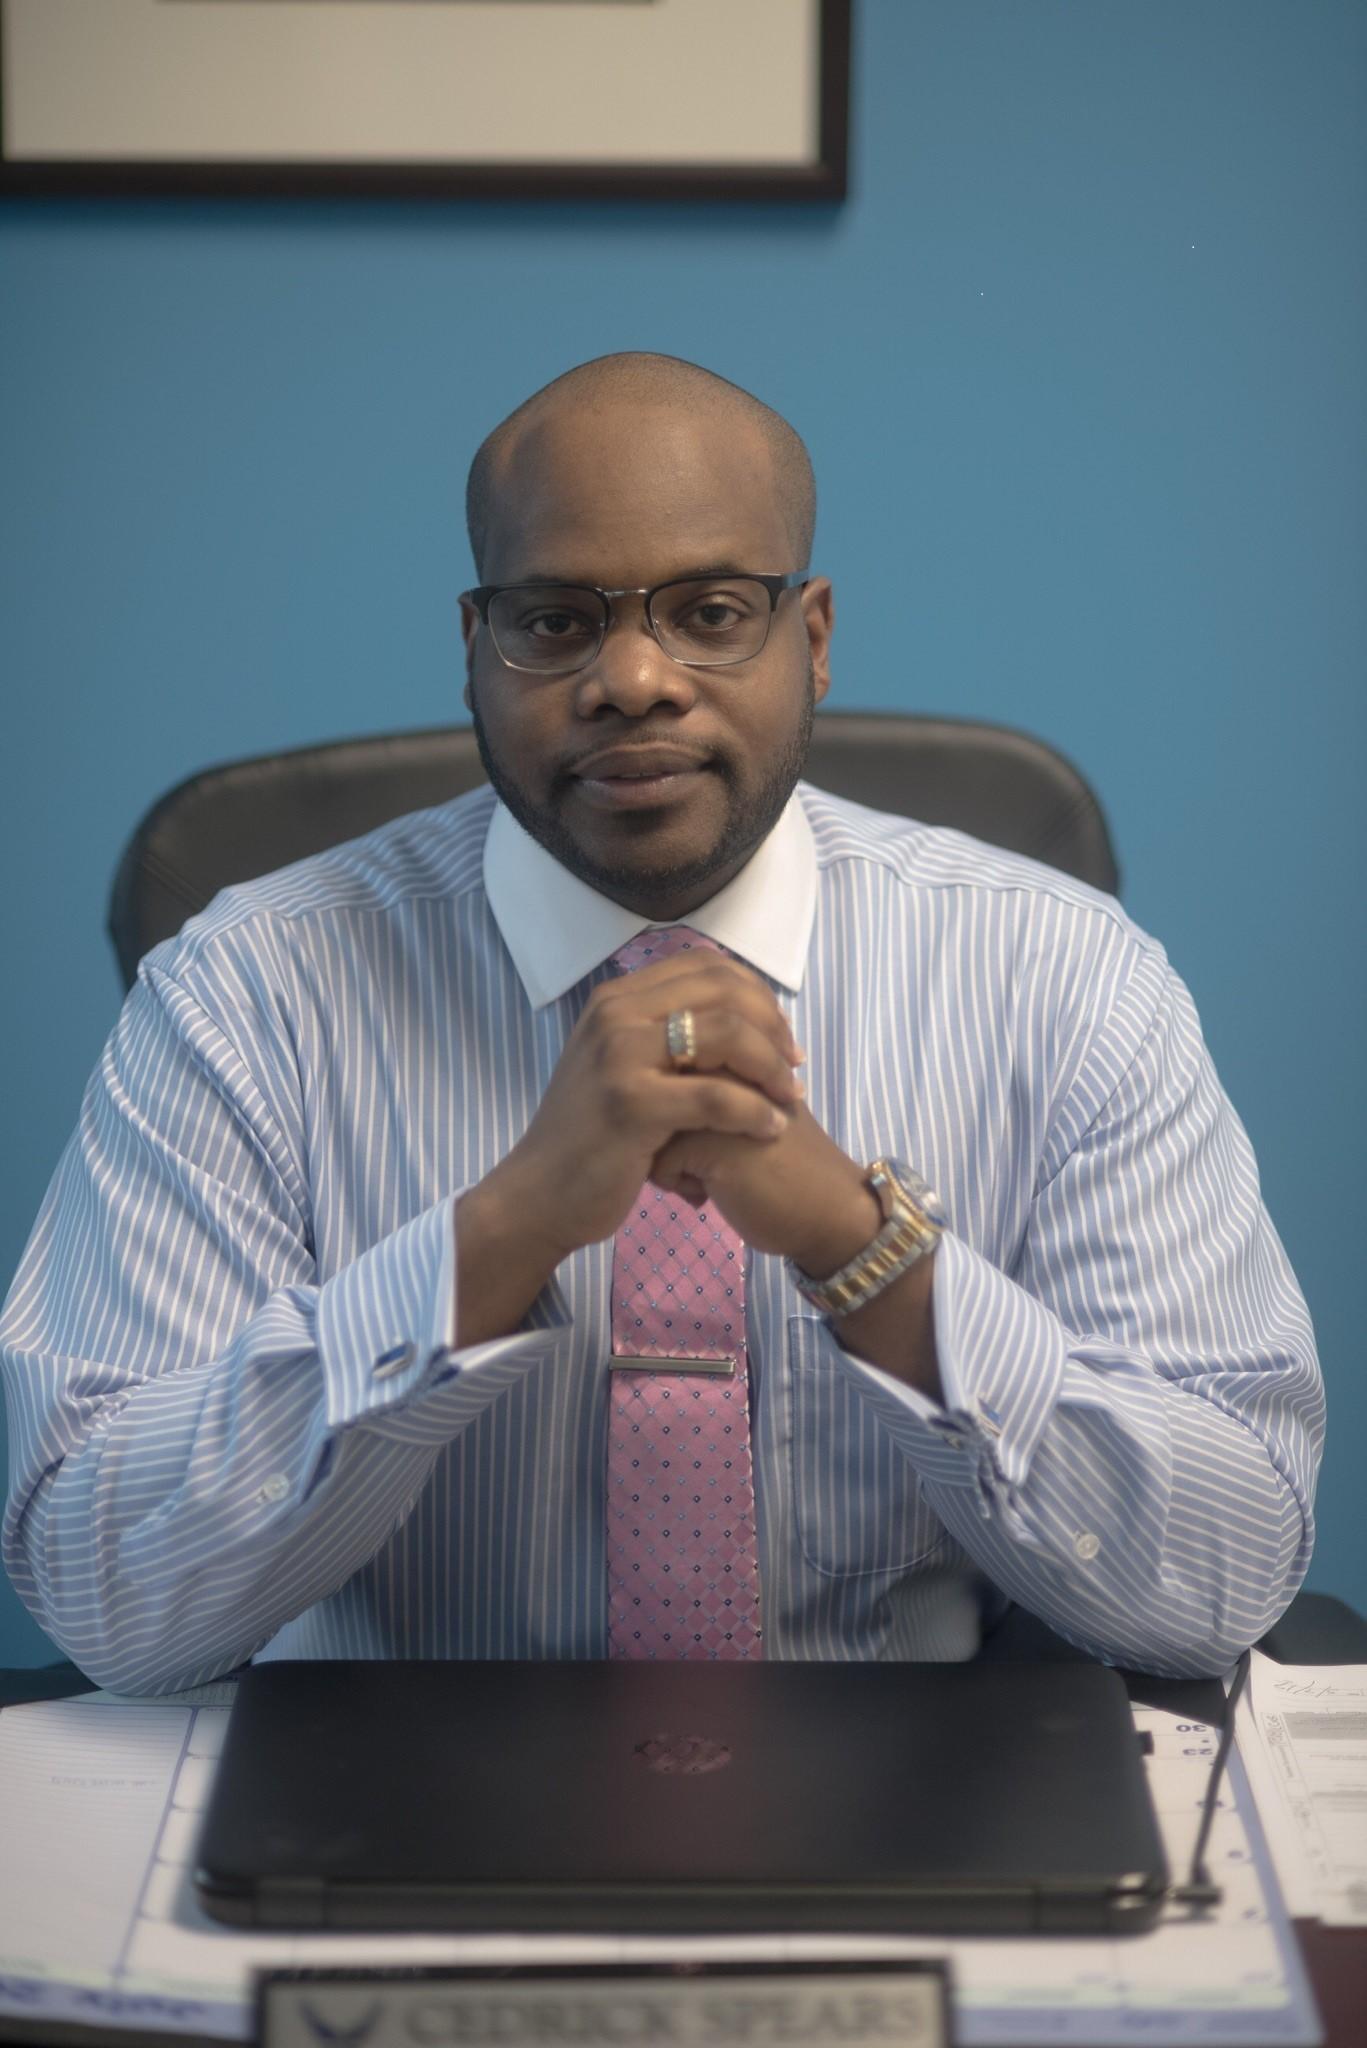 Dr. Cedrick Spears Enterprises - Black Owned